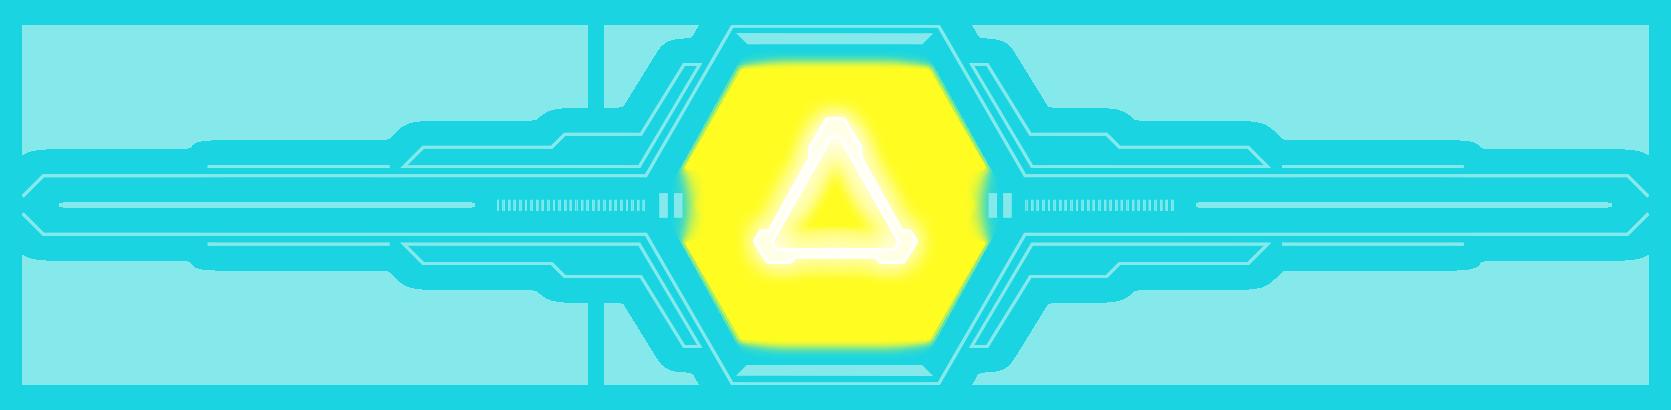 FuelFX Orbs Defense AR Hero Emblem